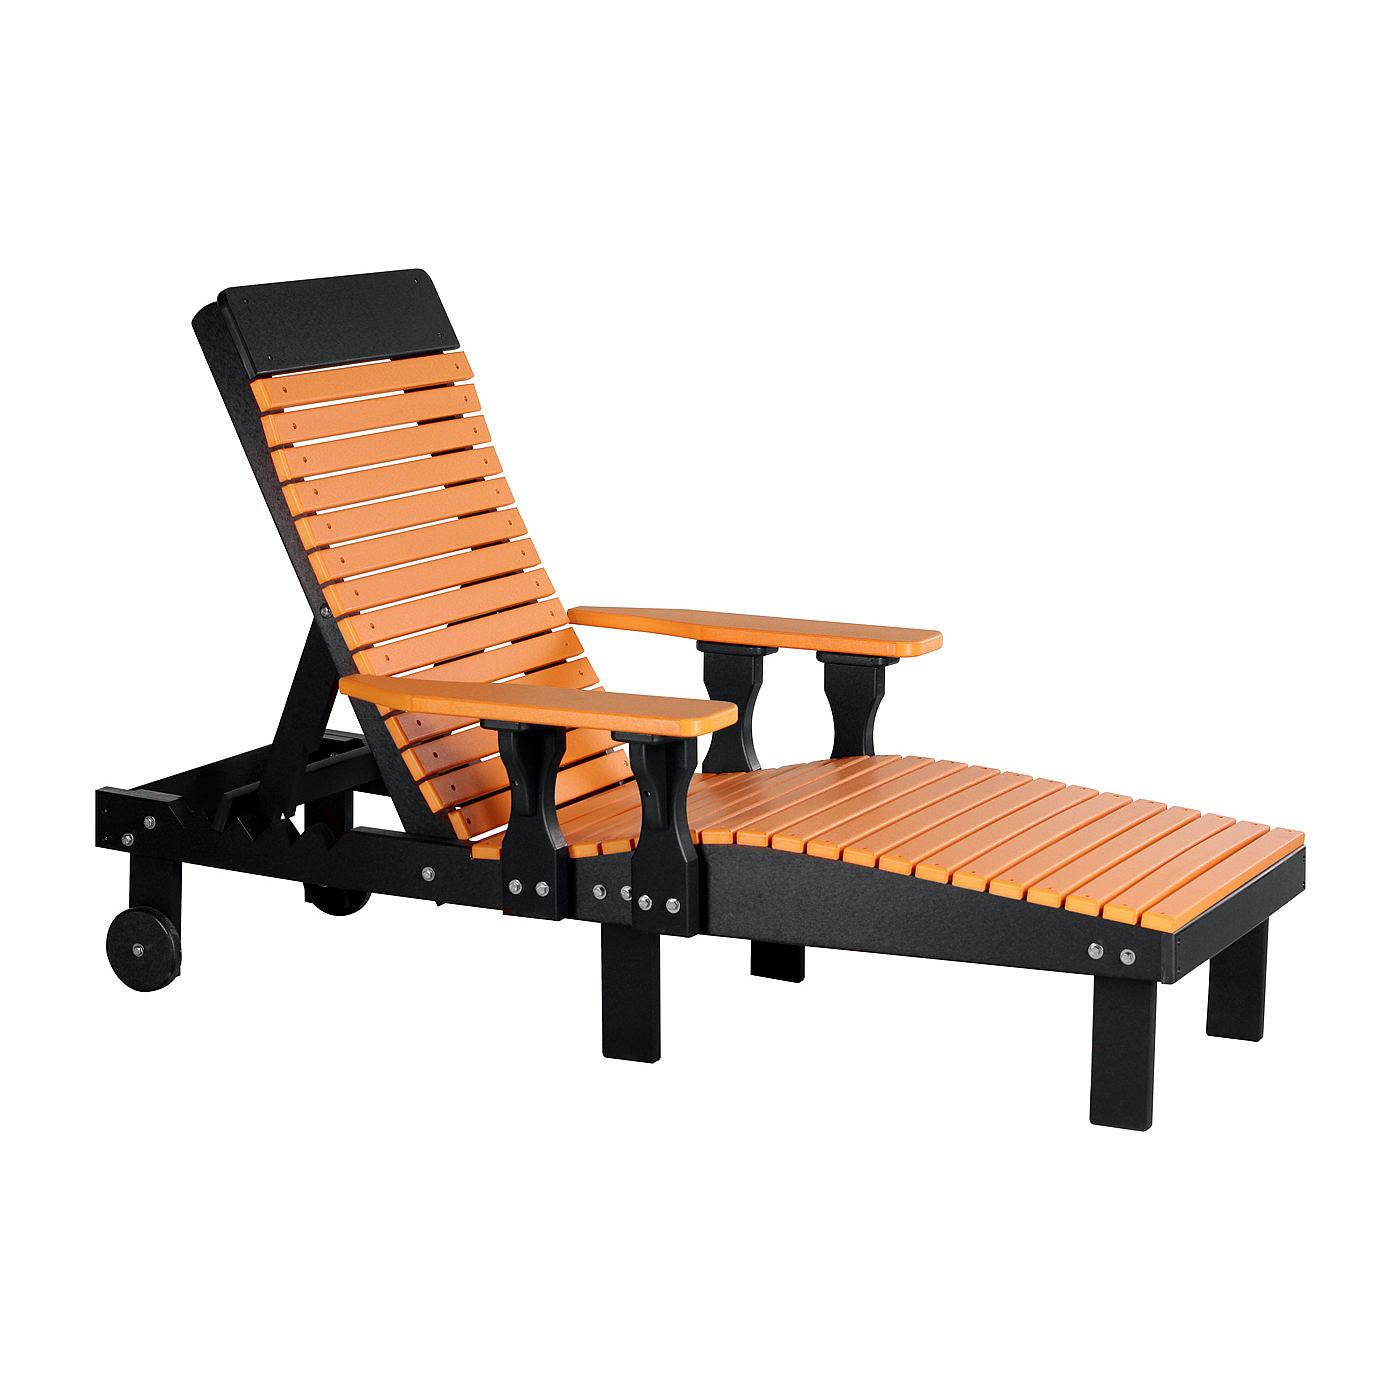 Luxcraft Crestville Lounge Chair Luxcraft Crestville